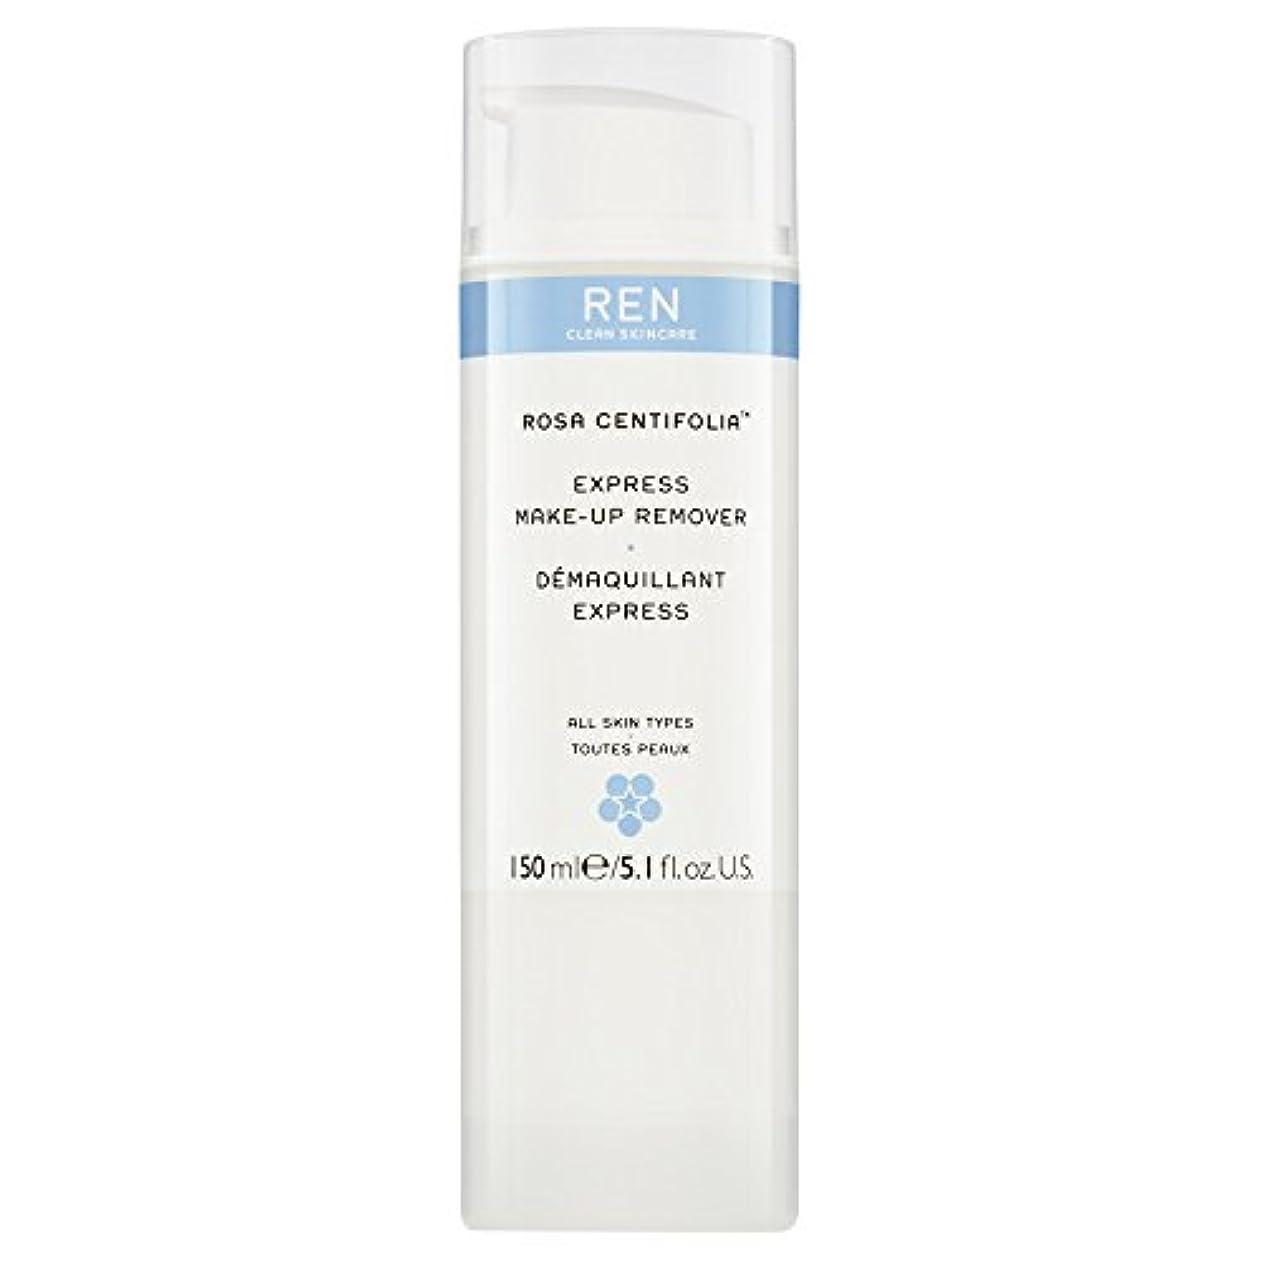 はず恐れる開発するRenローザセンチフォリアバラメイクアップリムーバー150ミリリットル (REN) (x6) - REN Rosa Centifolia Makeup Remover 150ml (Pack of 6) [並行輸入品]